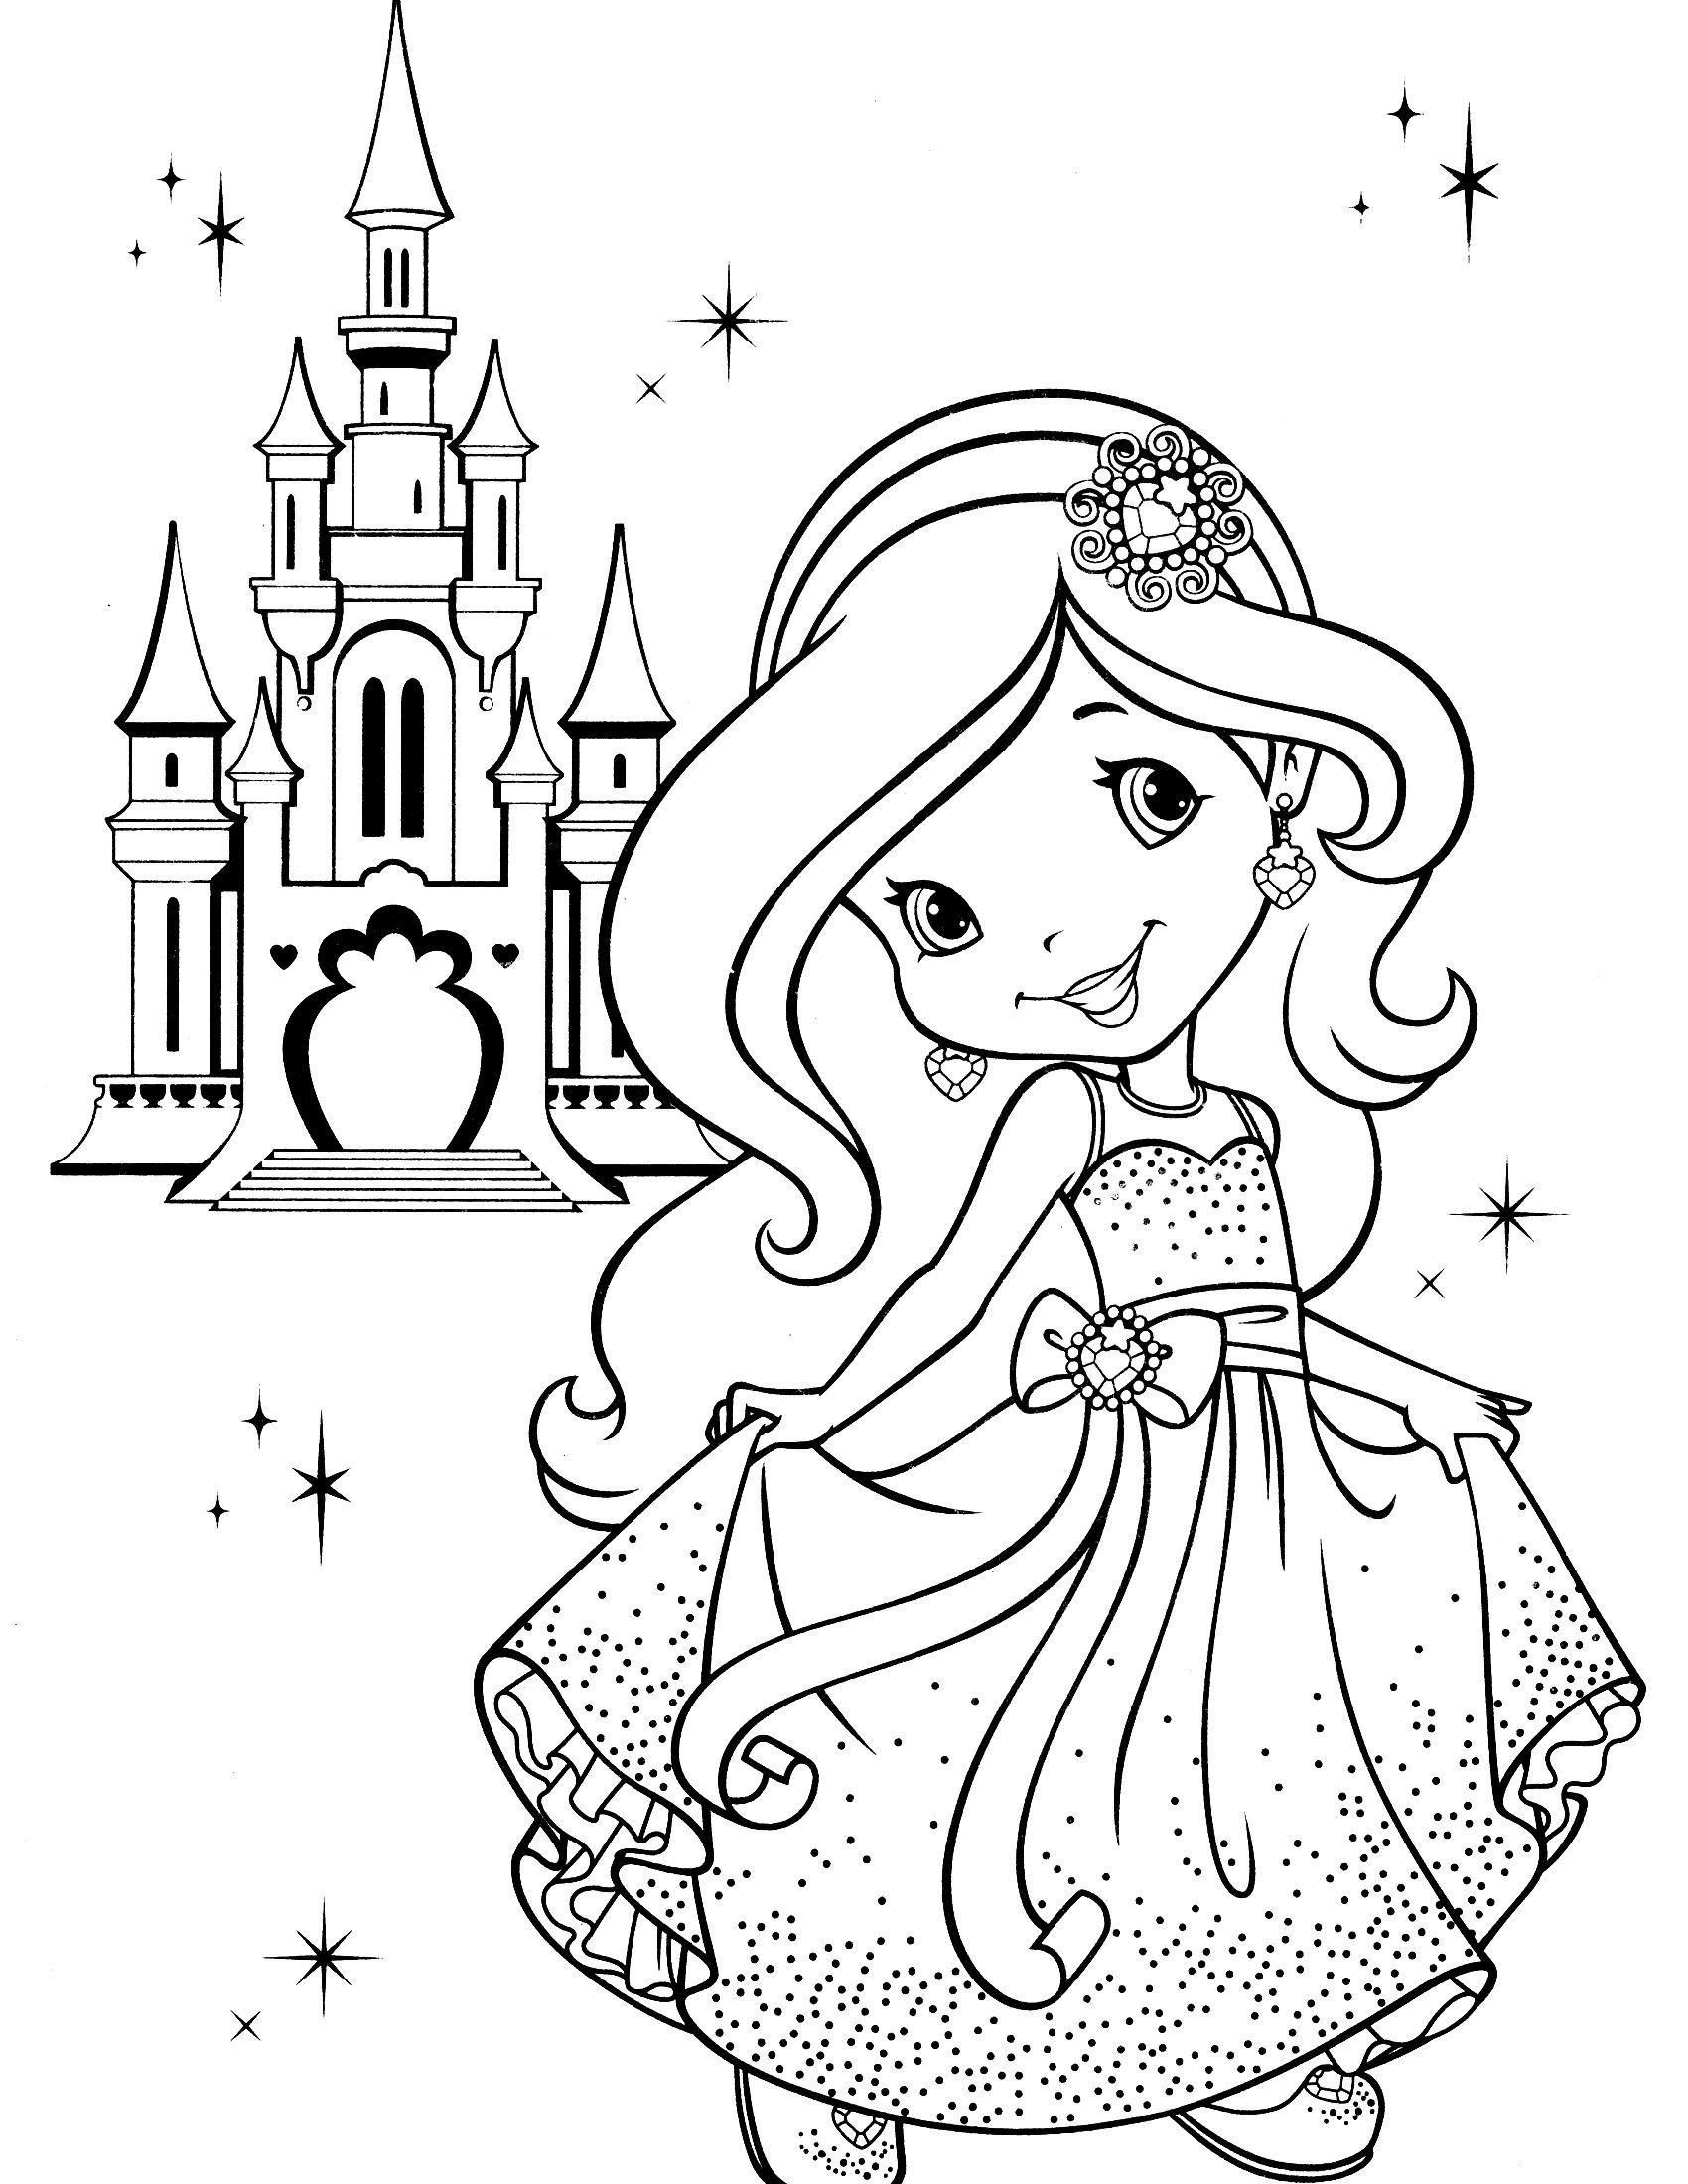 Princesa moranguinho no castelo | moranguinho | Pinterest | Malen